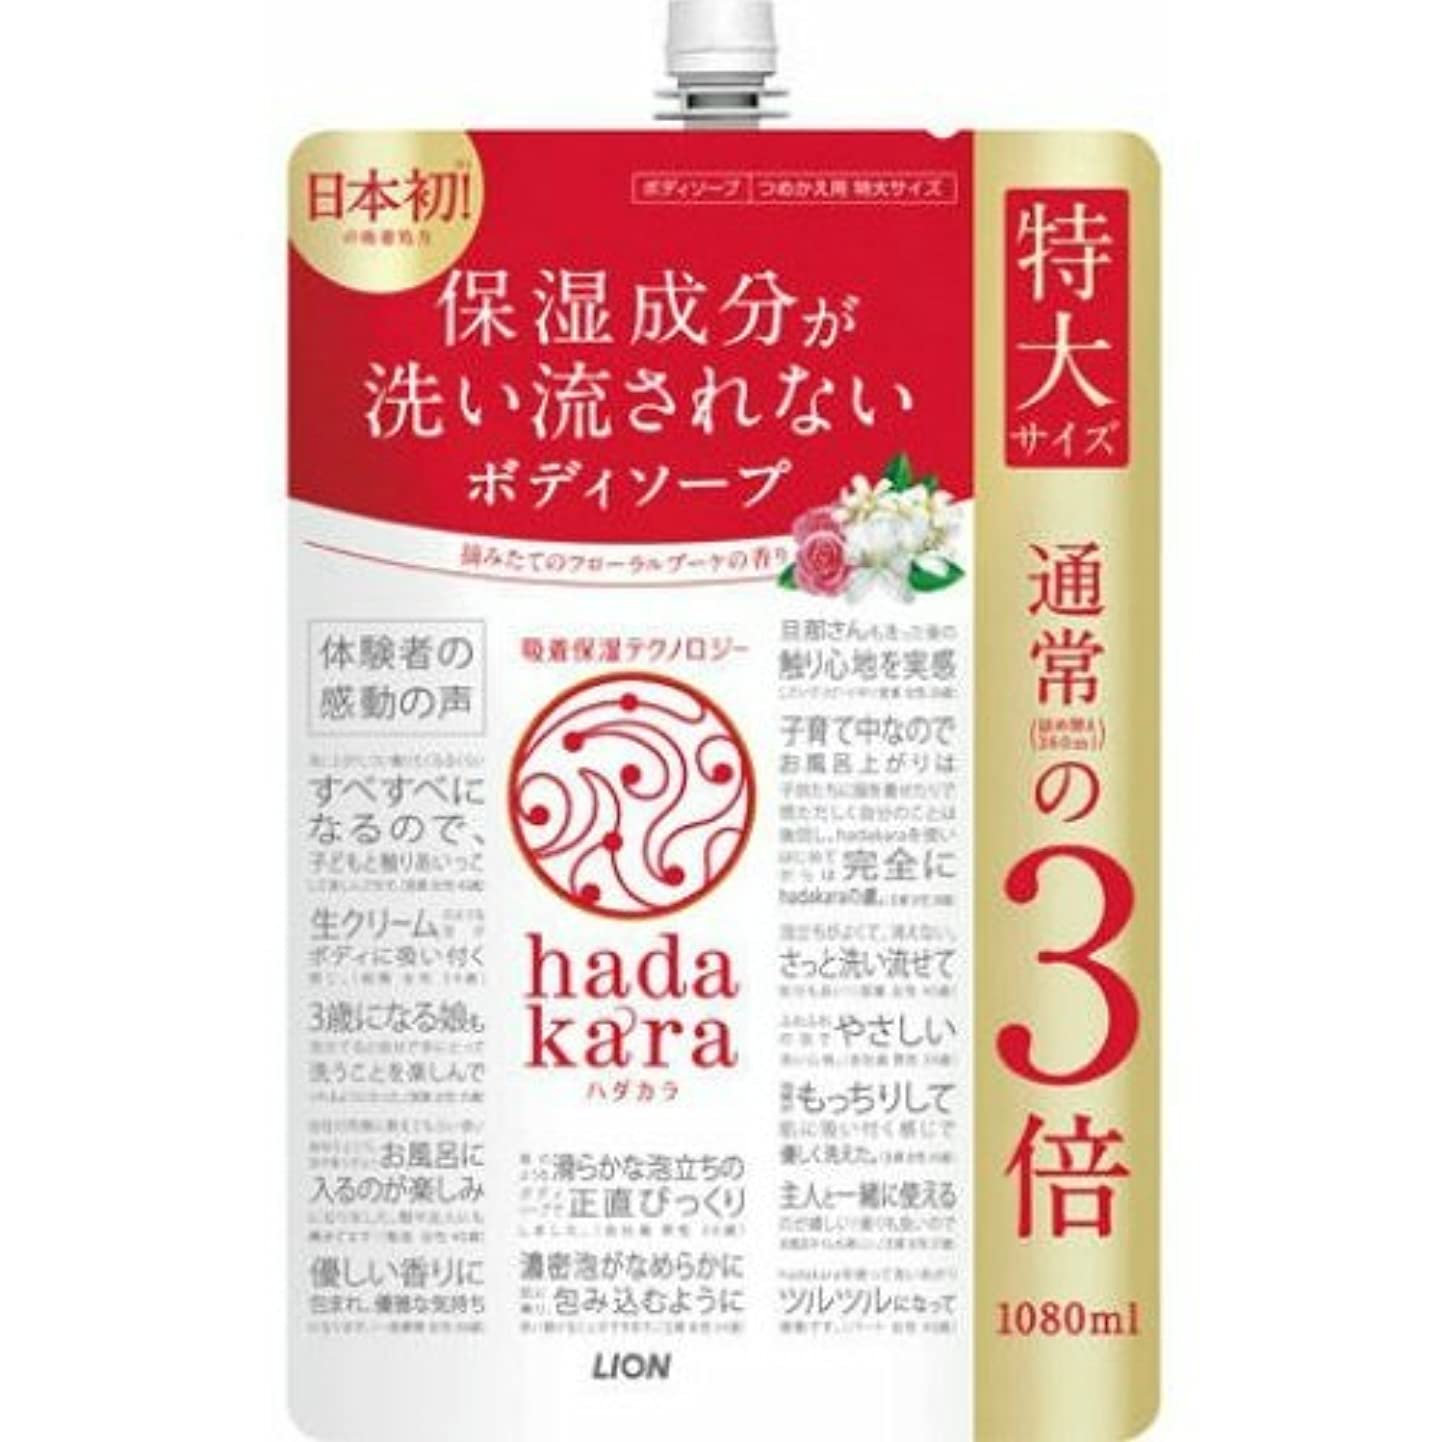 差し迫った引き付ける偽物LION ライオン hadakara ハダカラ ボディソープ フローラルブーケの香り つめかえ用 特大サイズ 1080ml ×3点セット(4903301260875)